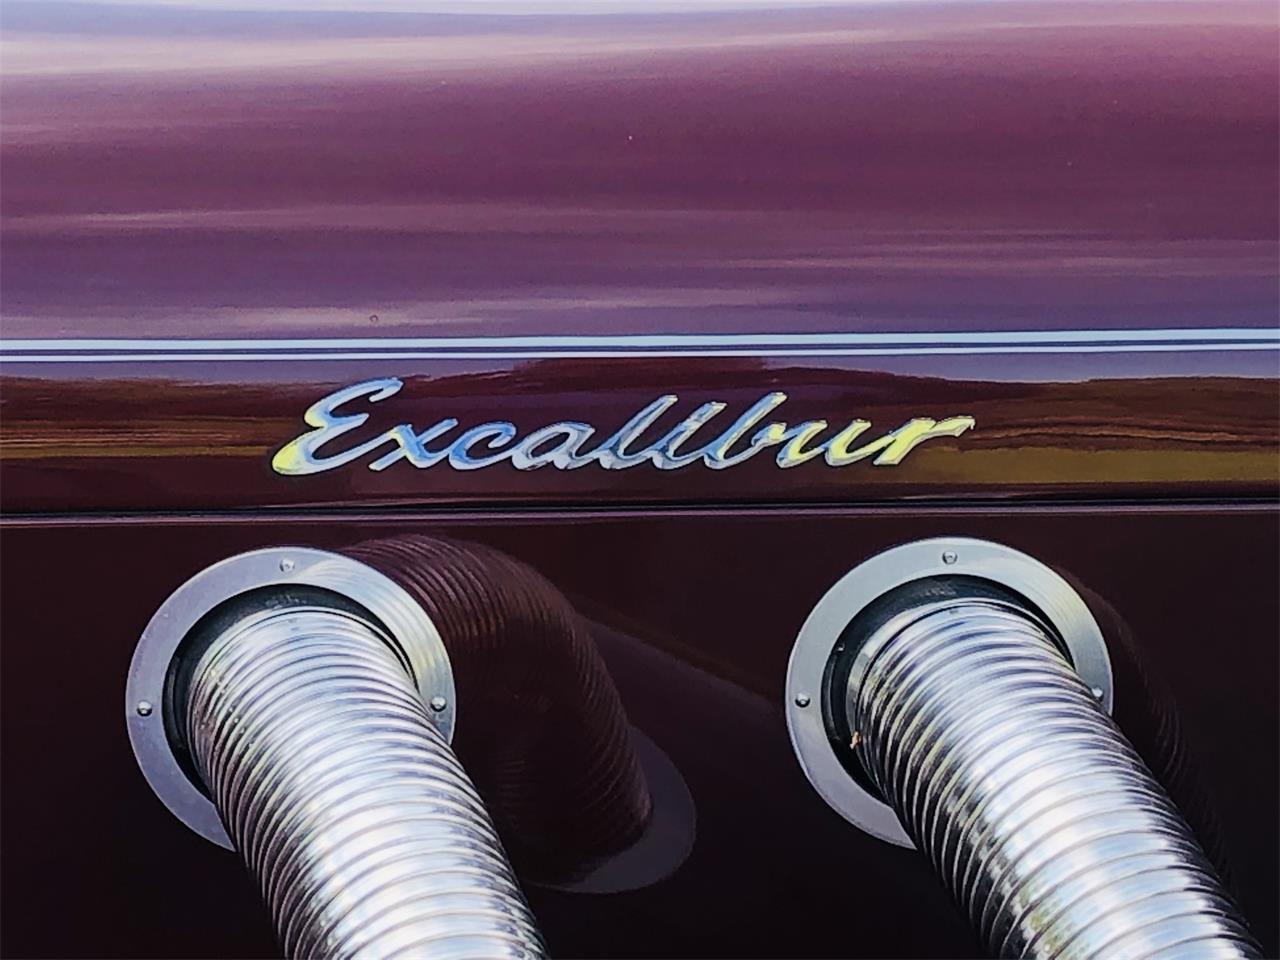 Excalibur Phaeton 1984 series iv prix tout compris